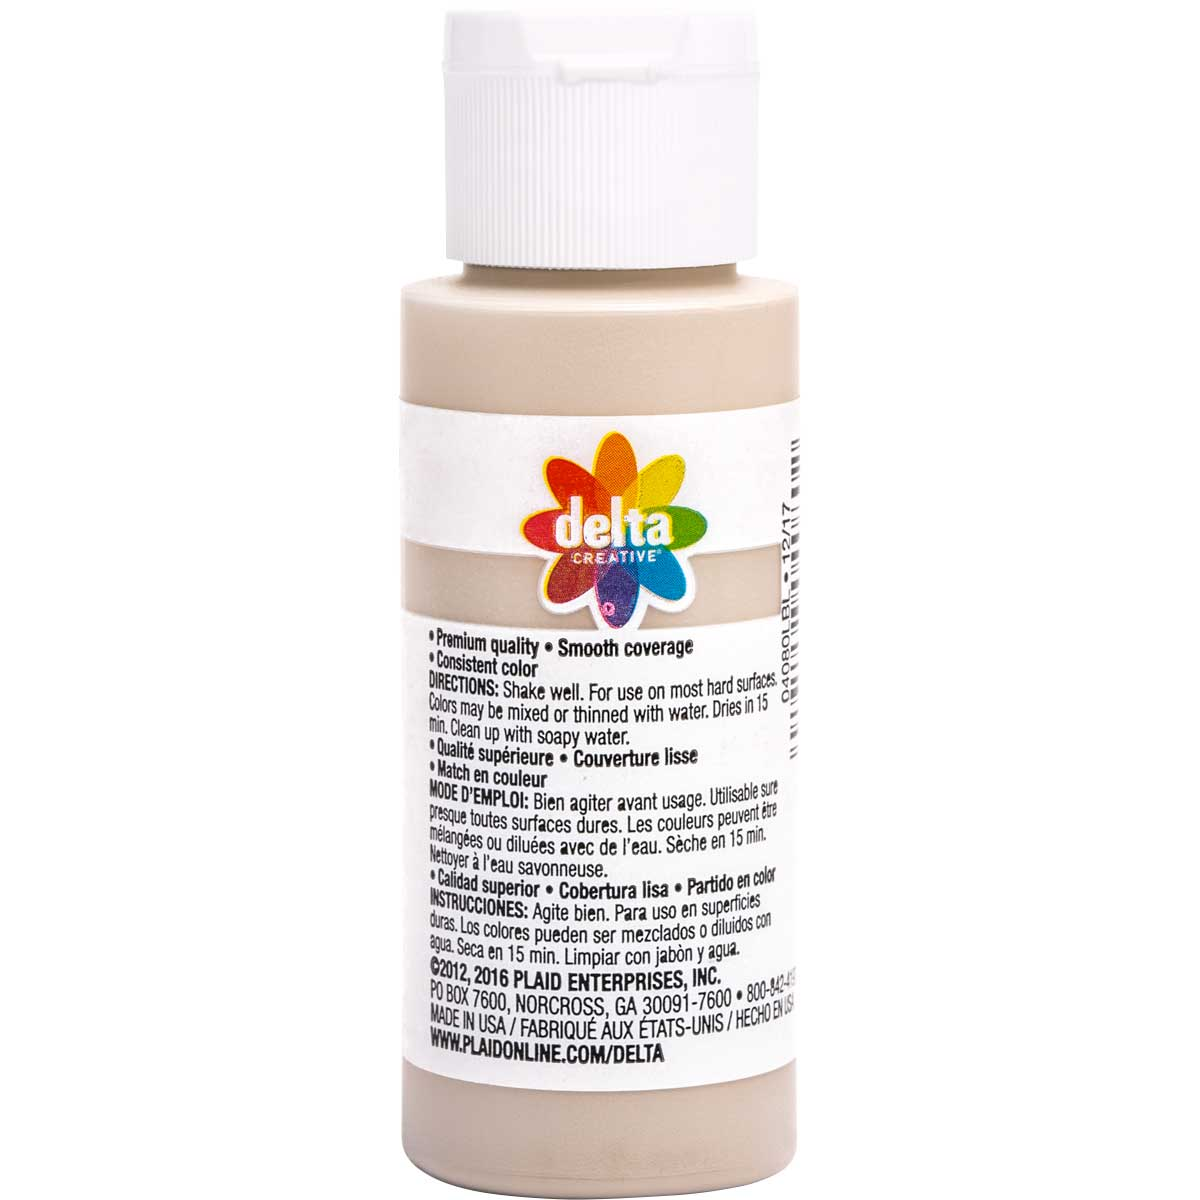 Delta Ceramcoat ® Acrylic Paint - Sand Dune, 2 oz.